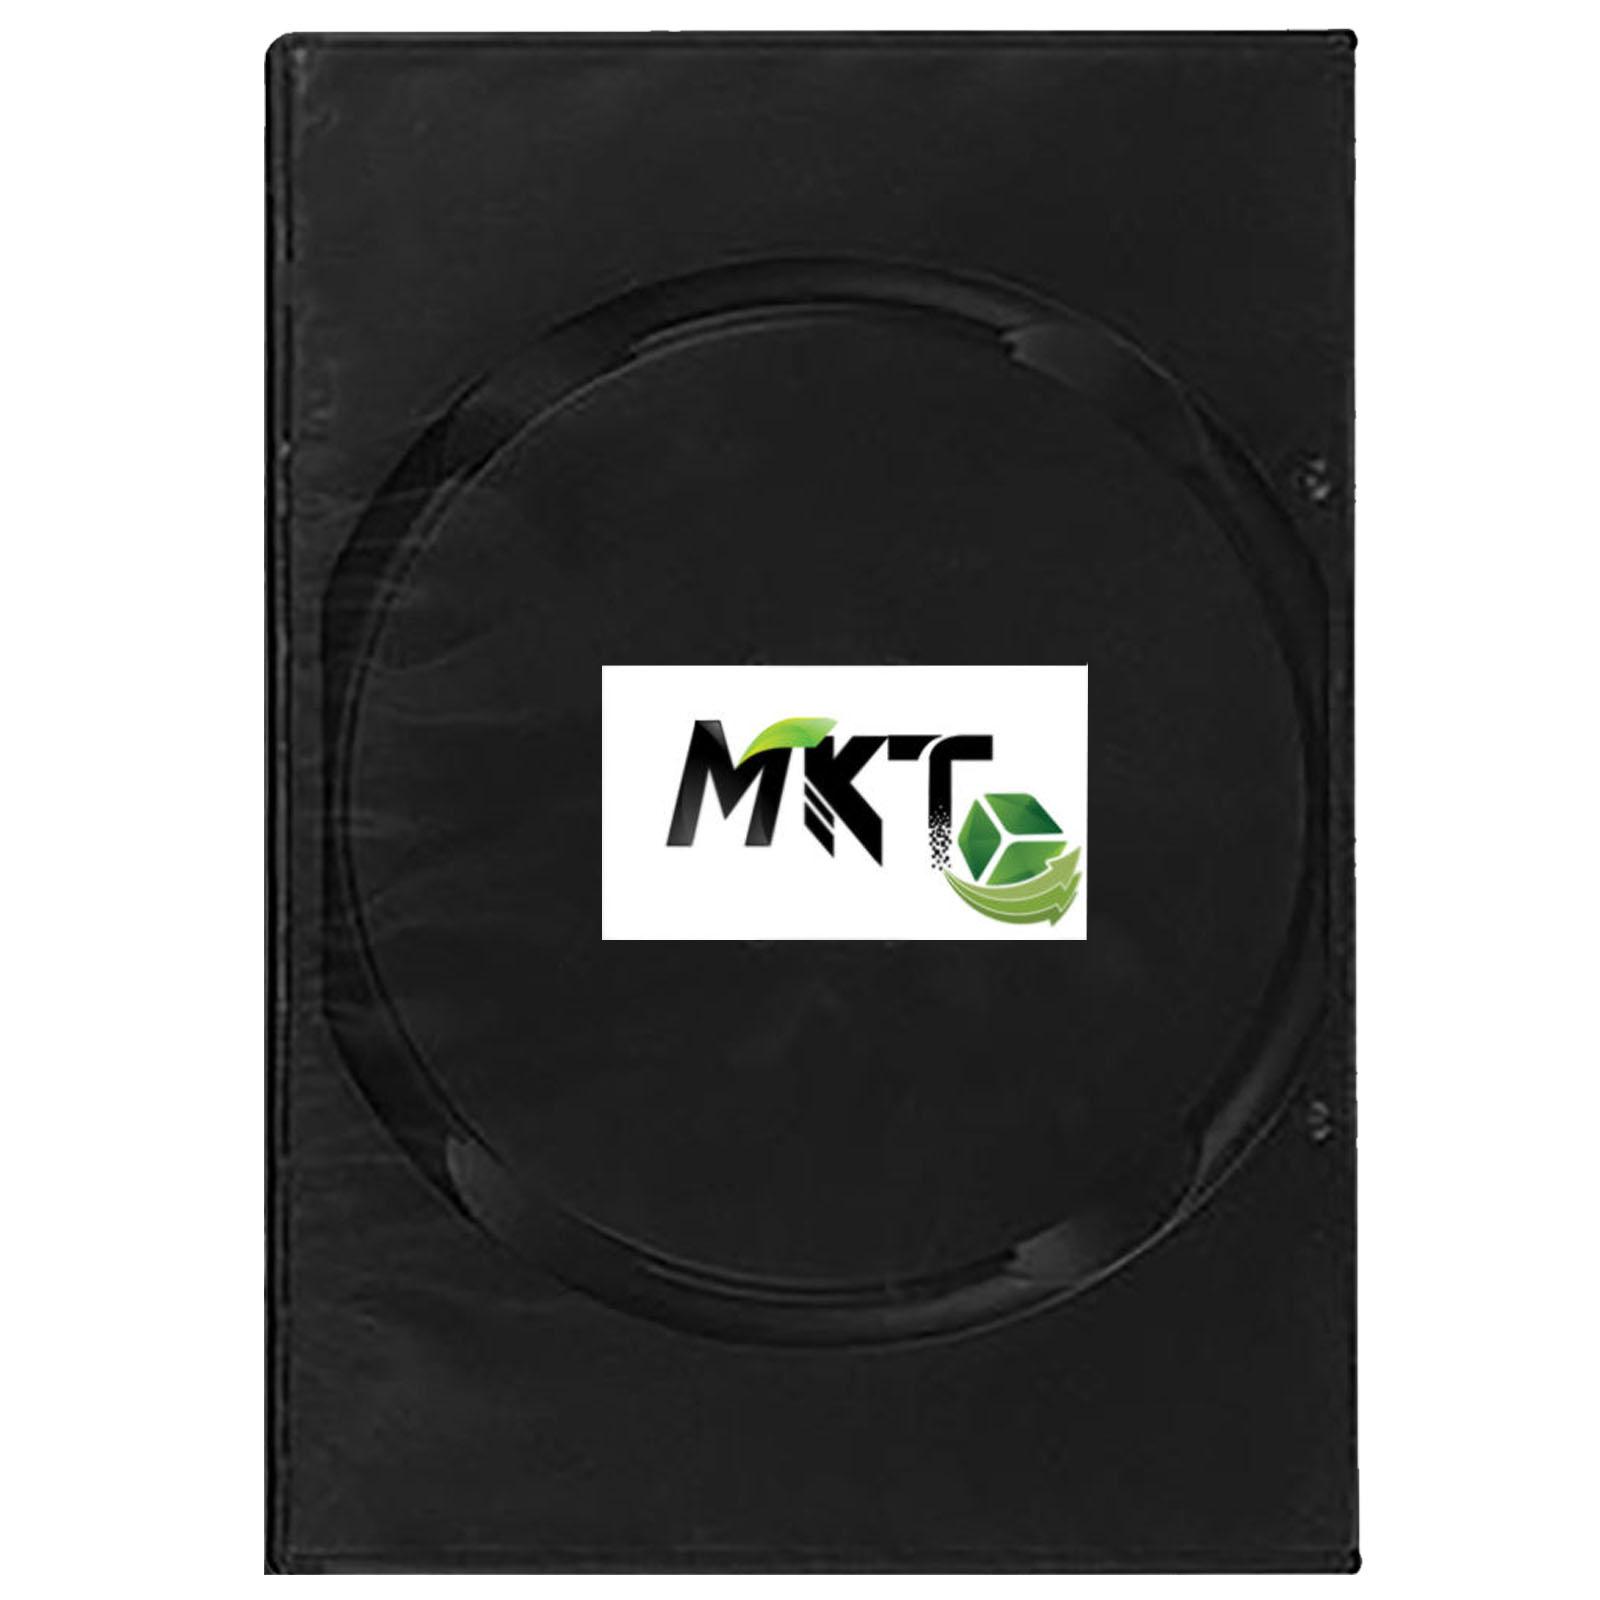 بررسی و {خرید با تخفیف}                                     قاب سی دی و دی وی دی 2 عددی مدل MKT کد D4 بسته ۴ عددی                             اصل